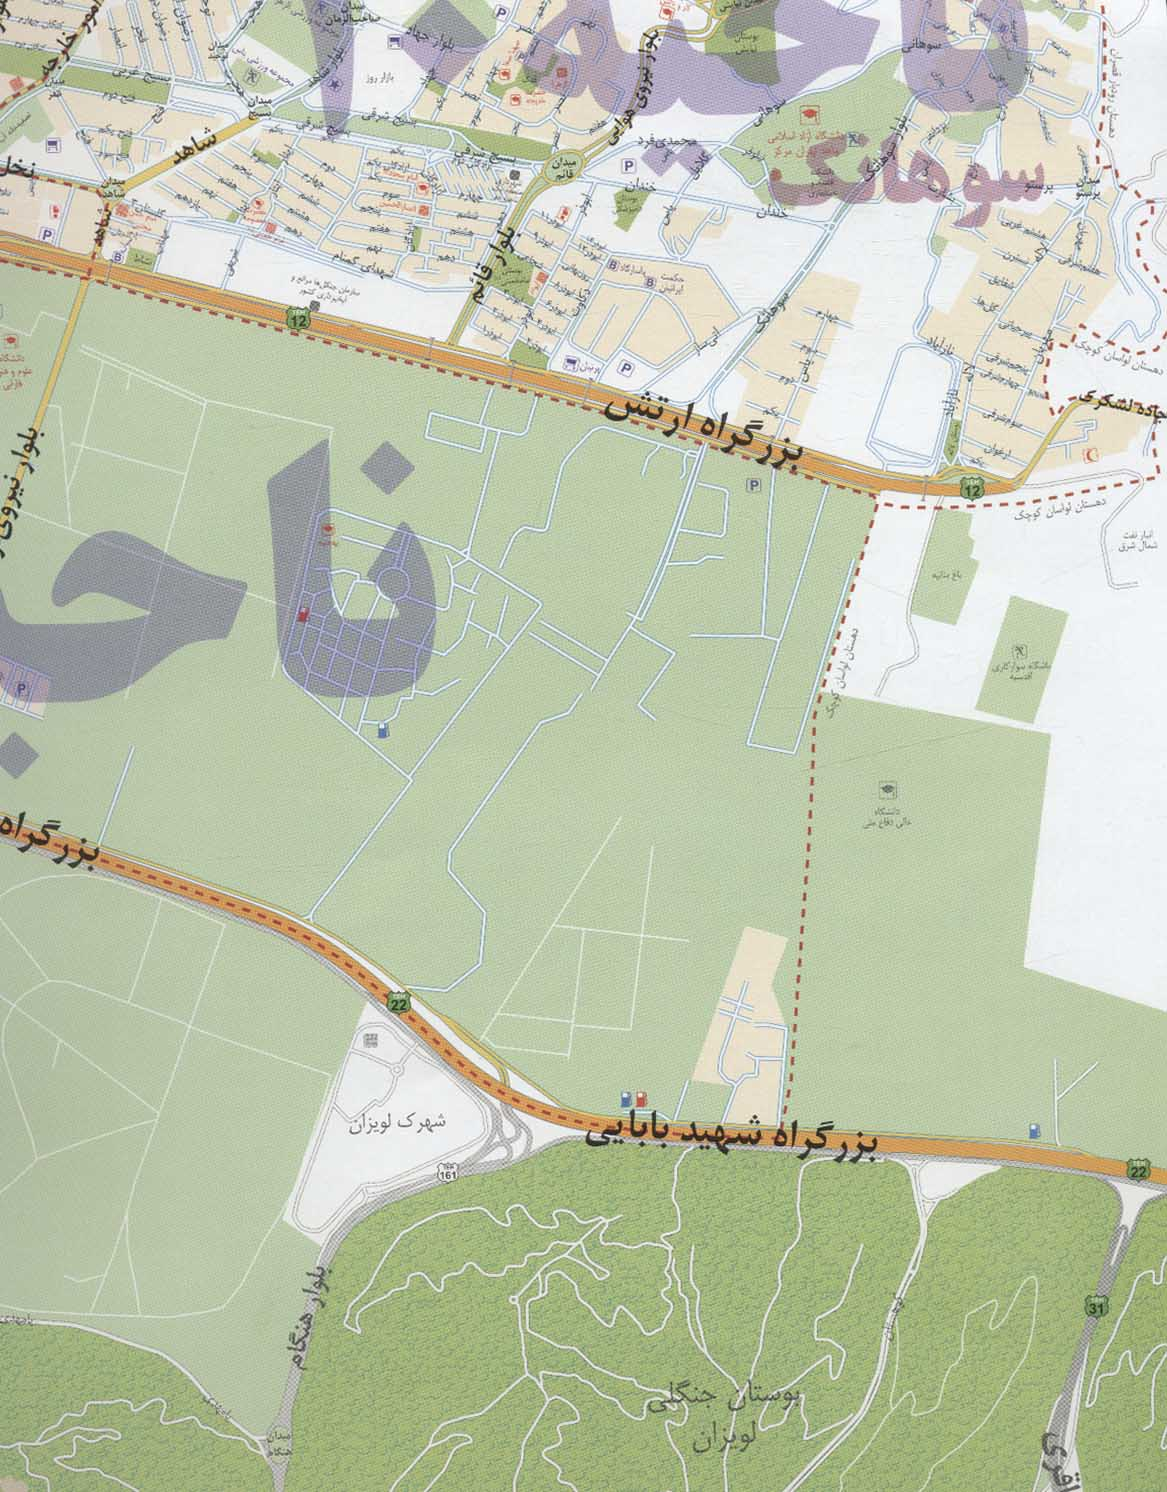 نقشه شهرداری تهران منطقه 1 (کد 401)،(گلاسه)